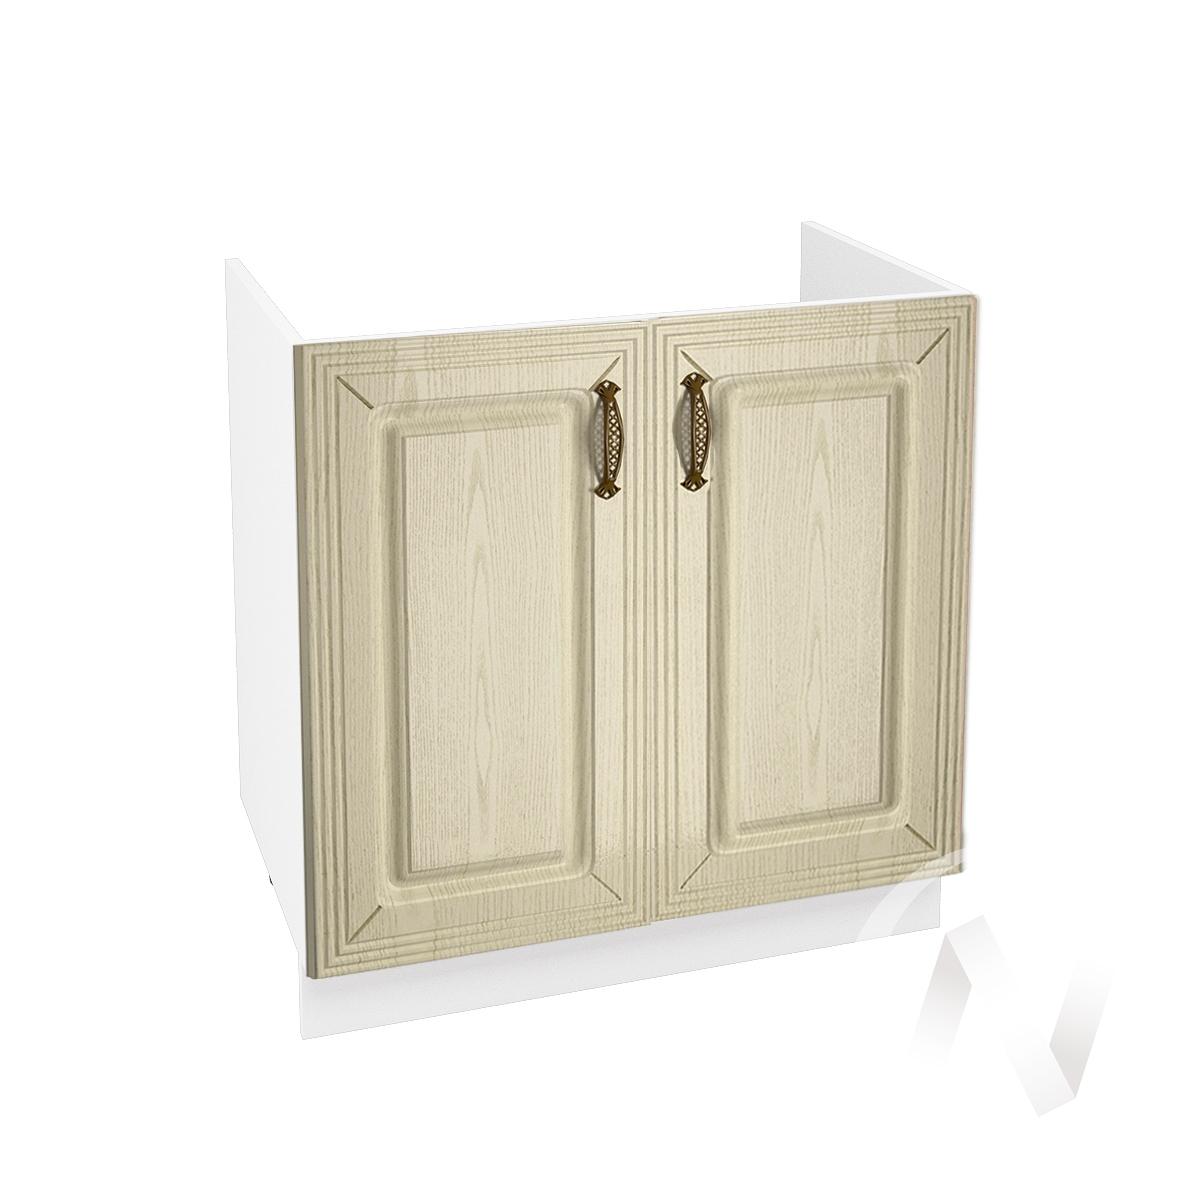 """Кухня """"Изабель"""": Шкаф нижний под мойку 800, ШНМ 800 (корпус белый)"""